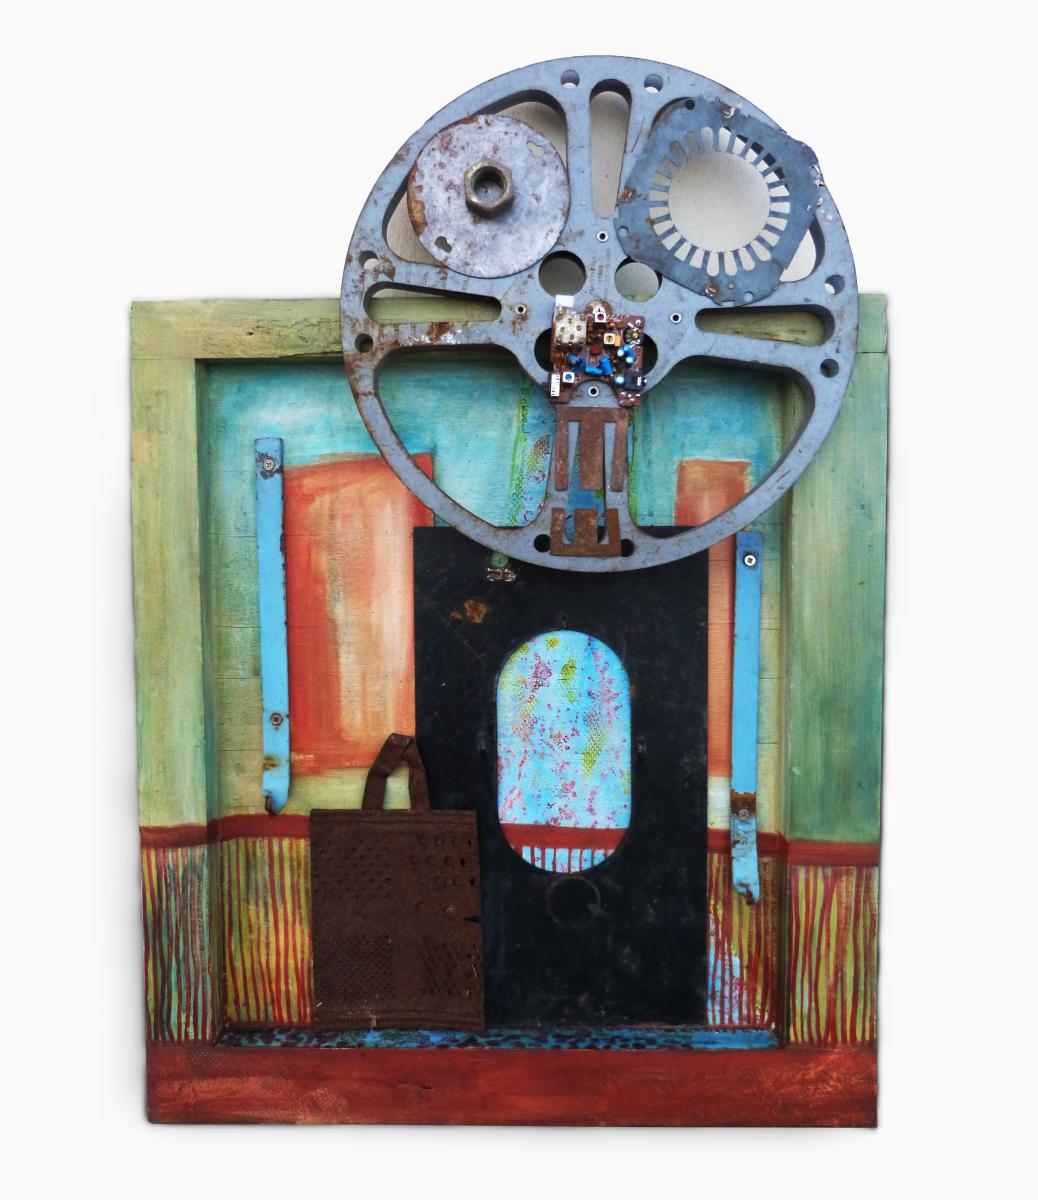 Título: Visita inesperada <br>Medidas: 61 x 28,5 cm <br>Técnica: Pintura/Collage<br>Año: 2015